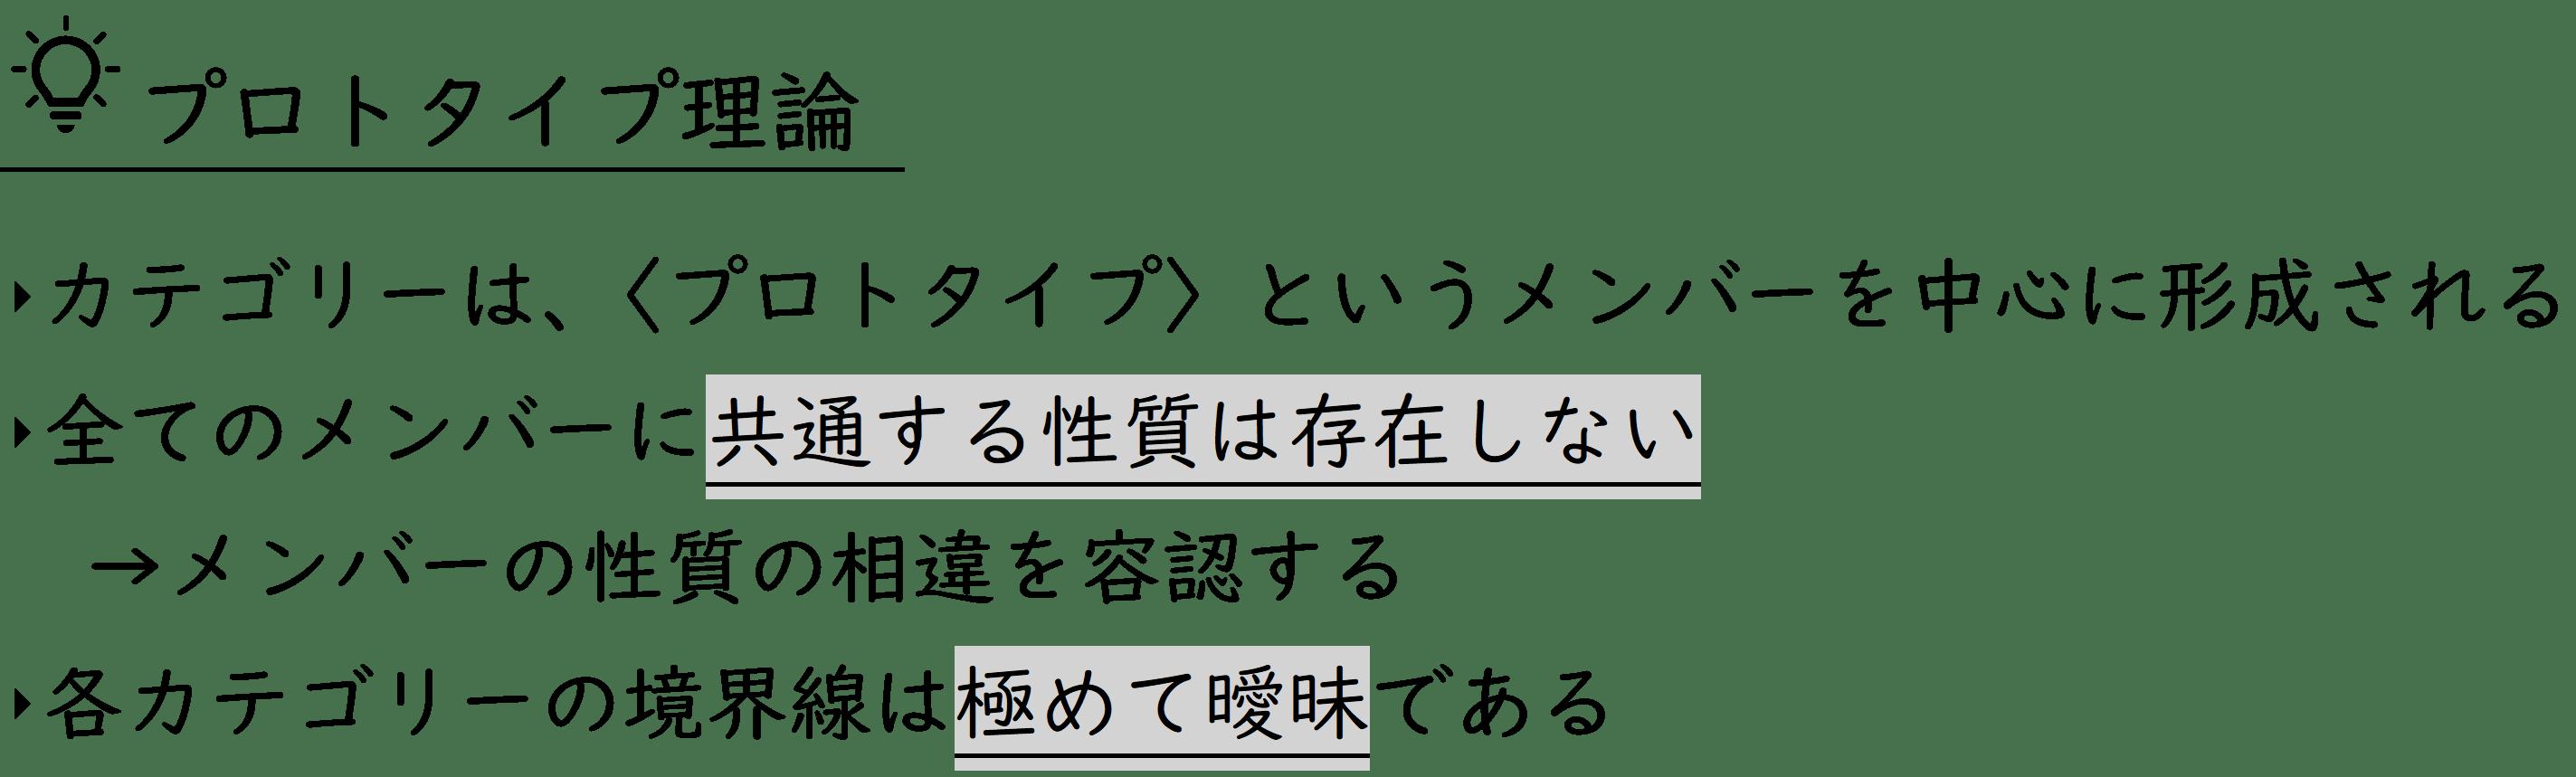 プロトタイプ理論の特徴